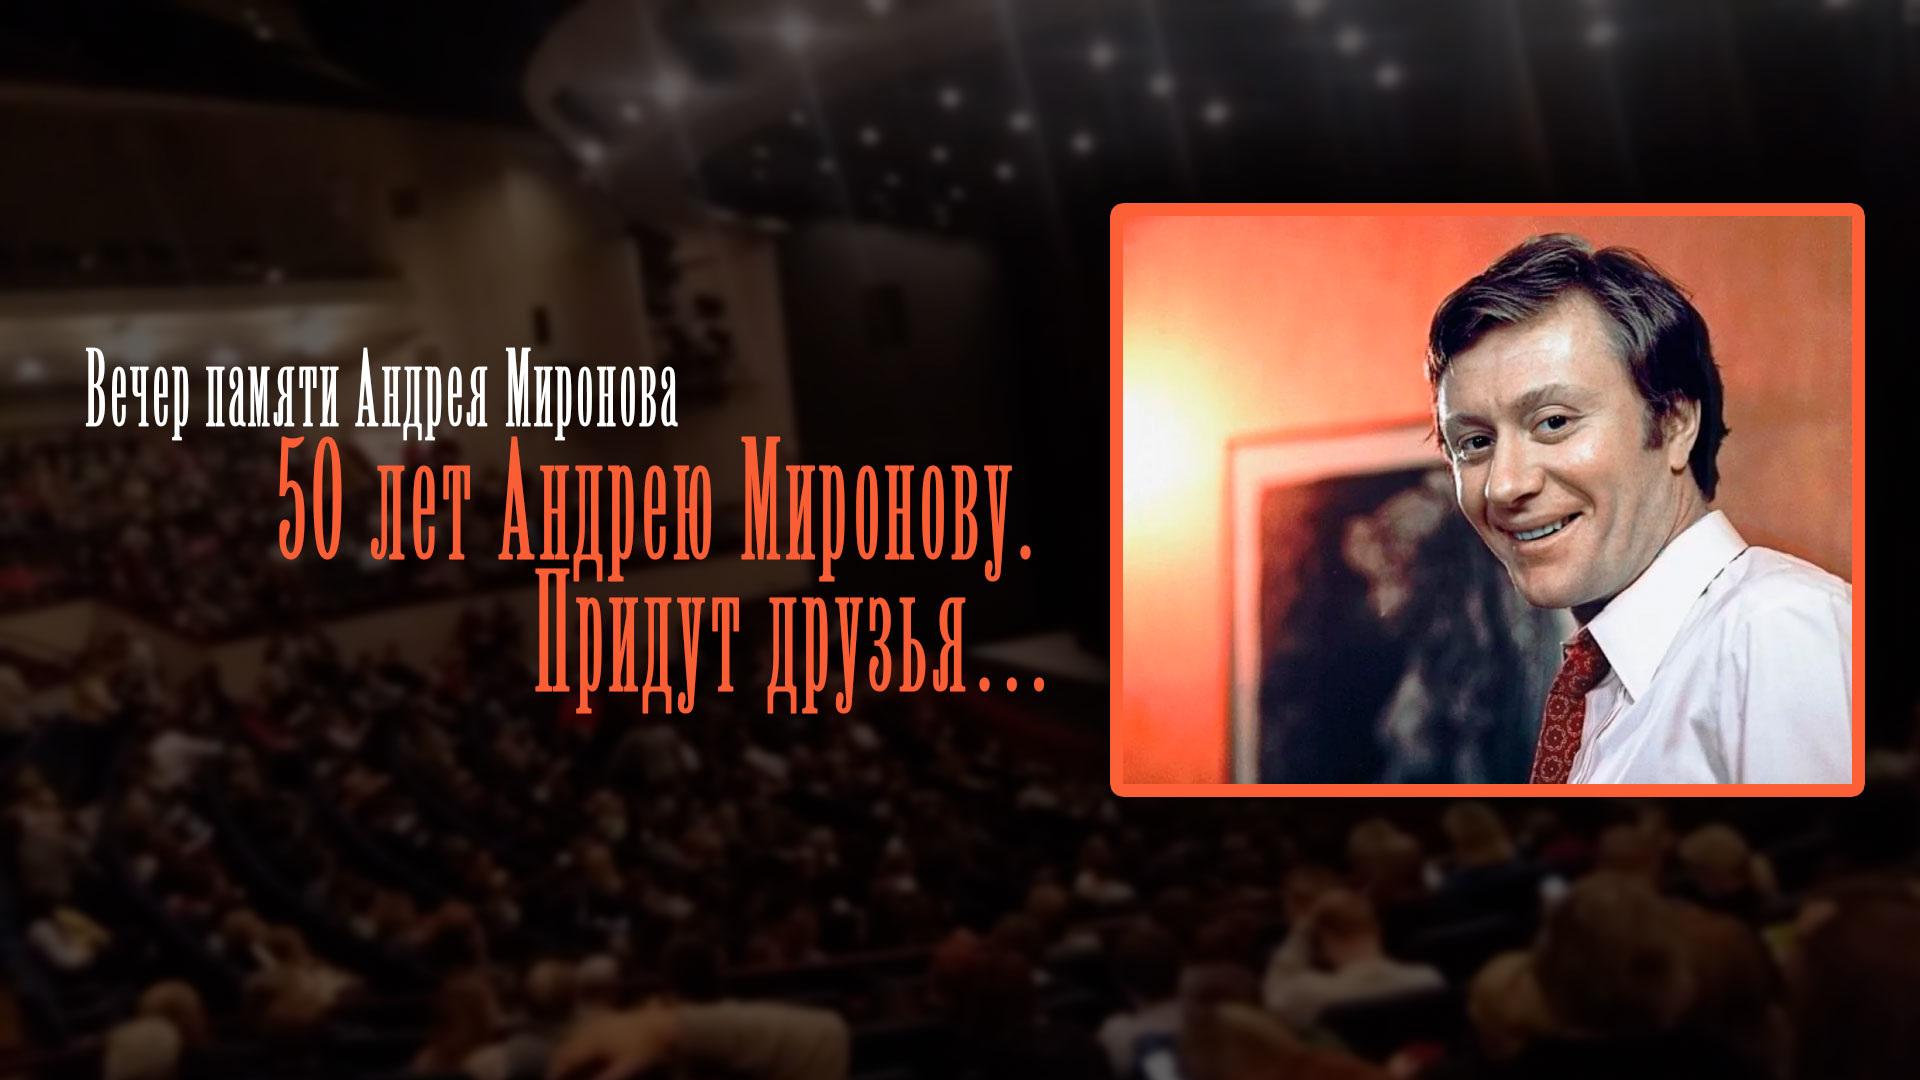 Вечер памяти Андрея Миронова. 50 лет Андрею Миронову. Придут друзья…